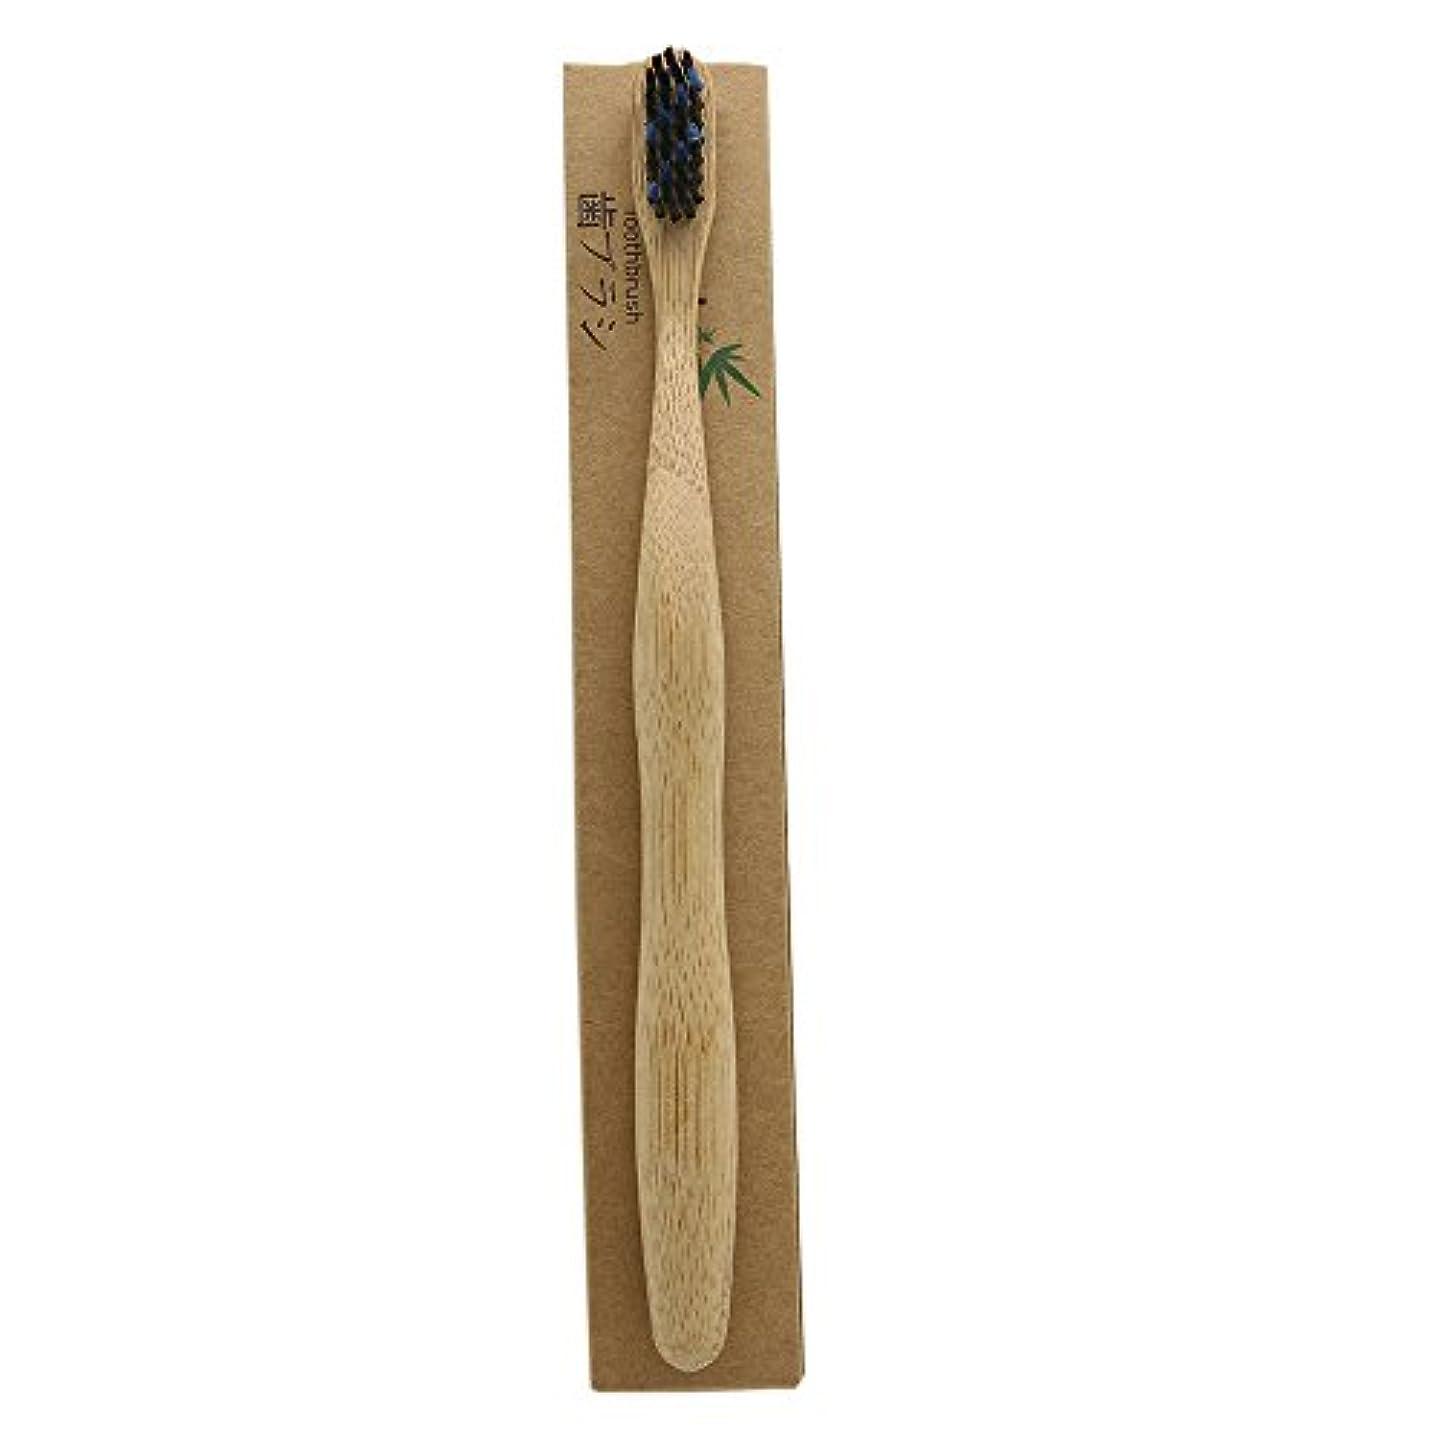 思慮深いオーバーラン手首N-amboo 竹製耐久度高い 歯ブラシ 黒いと青い 1本